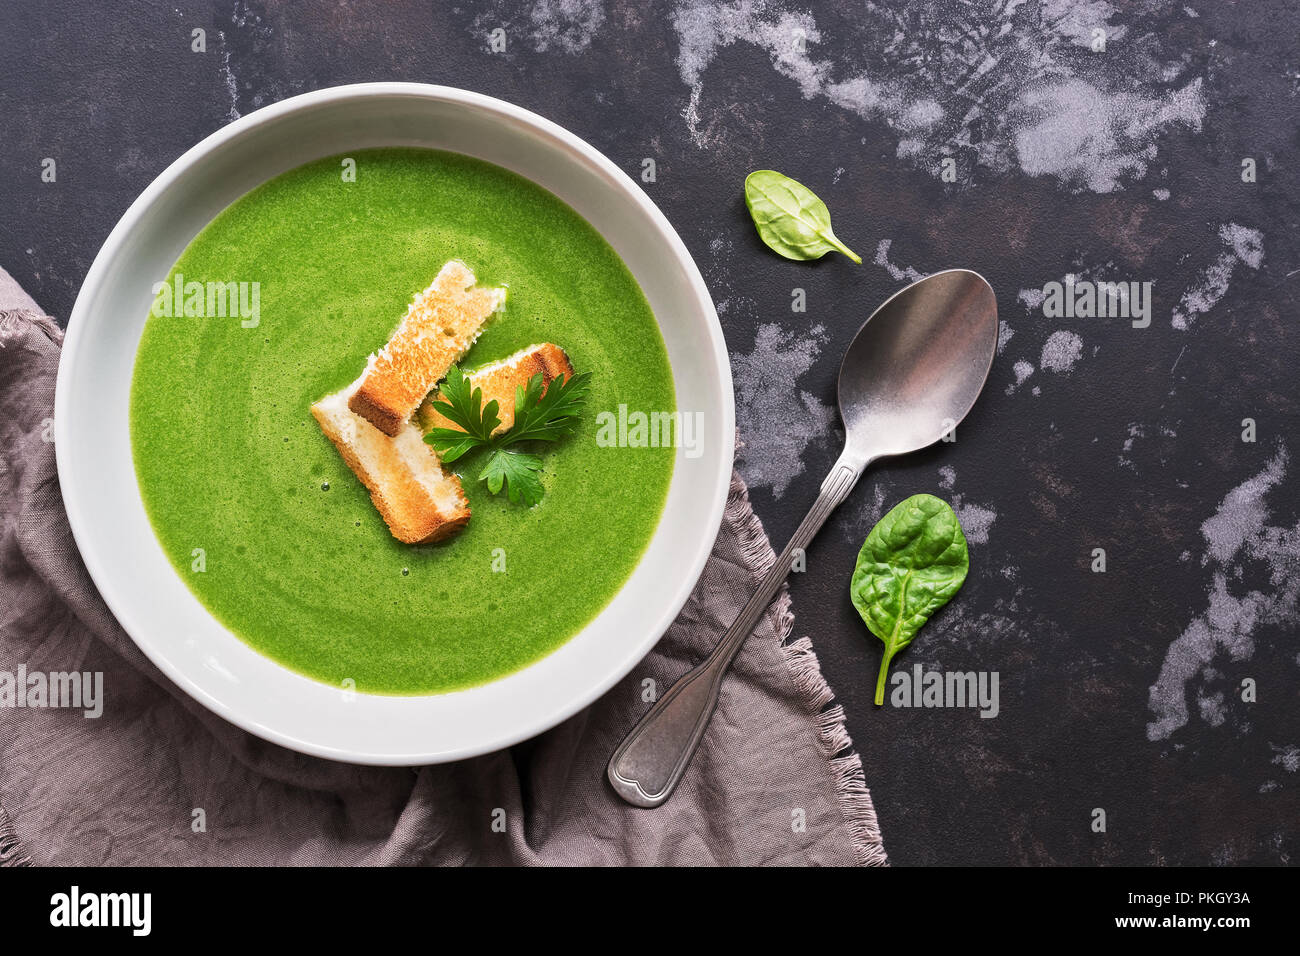 Soupe crème de légumes vert aux épinards sur un fond en béton foncé. Saine alimentation le déjeuner ou le dîner. Vue de dessus, copiez l'espace. Photo Stock